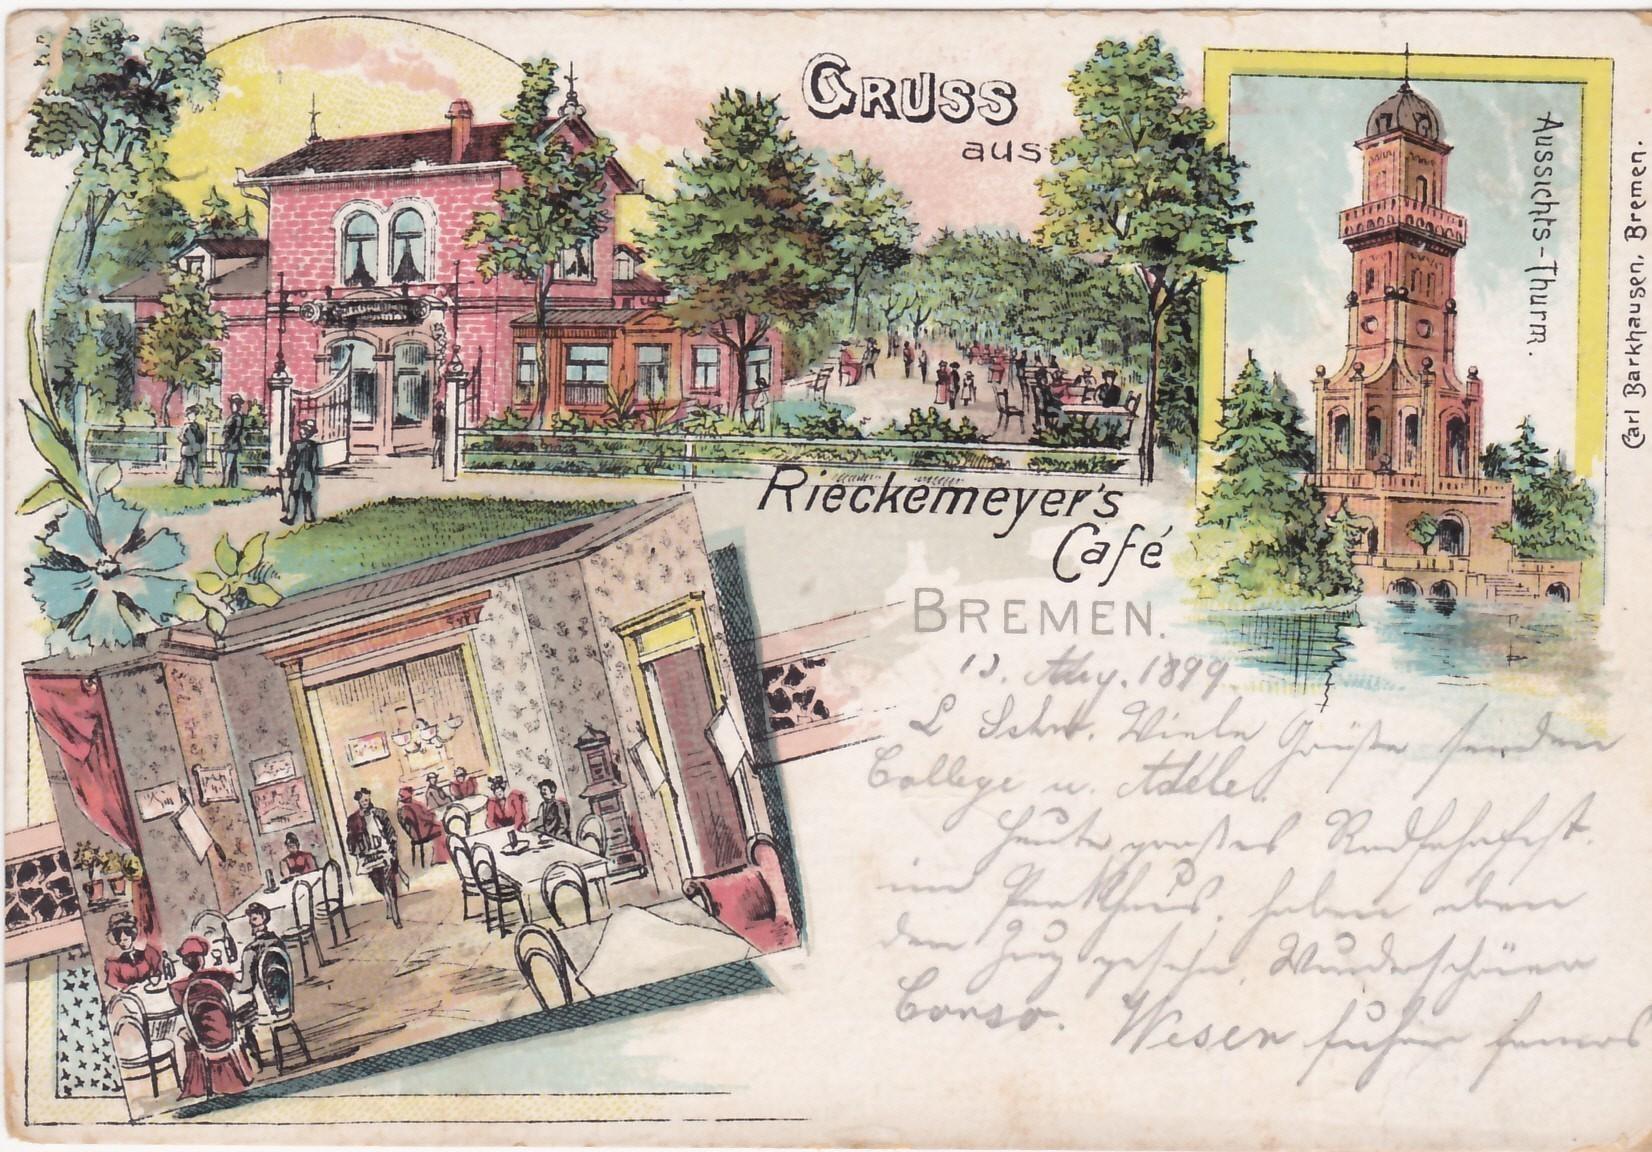 Ausflugsziel Schwachhausen: Werbepostkarte für Rieckemeyers Café mit Abbildung des 1890 fertiggestellten Aussichtsturms, des letzten Werks von Heinrich Müller. Quelle: Schwachhausen-Archiv